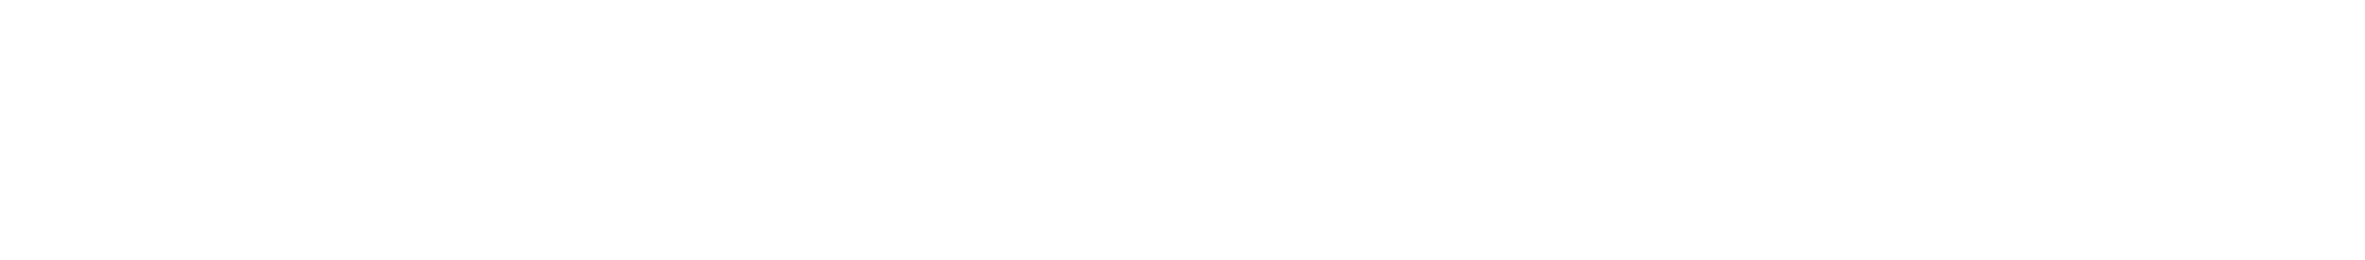 logotipo do rodapé